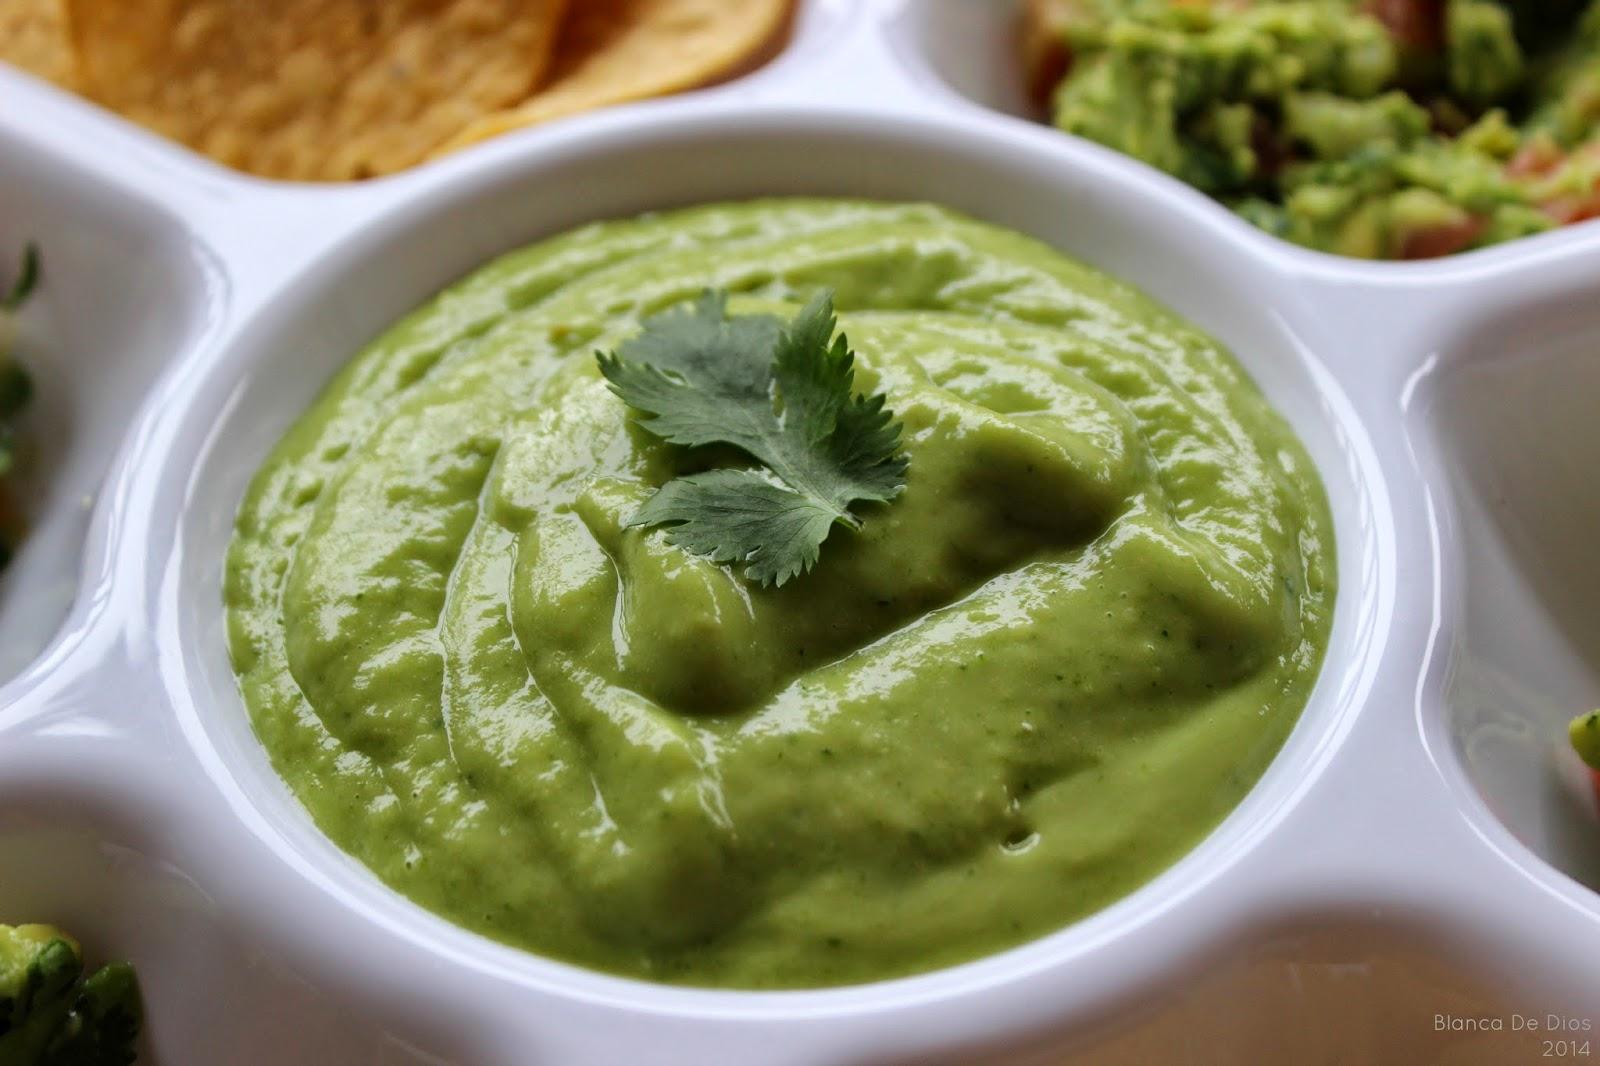 Como hacer guacamole para tacos - Salsas faciles de hacer ...